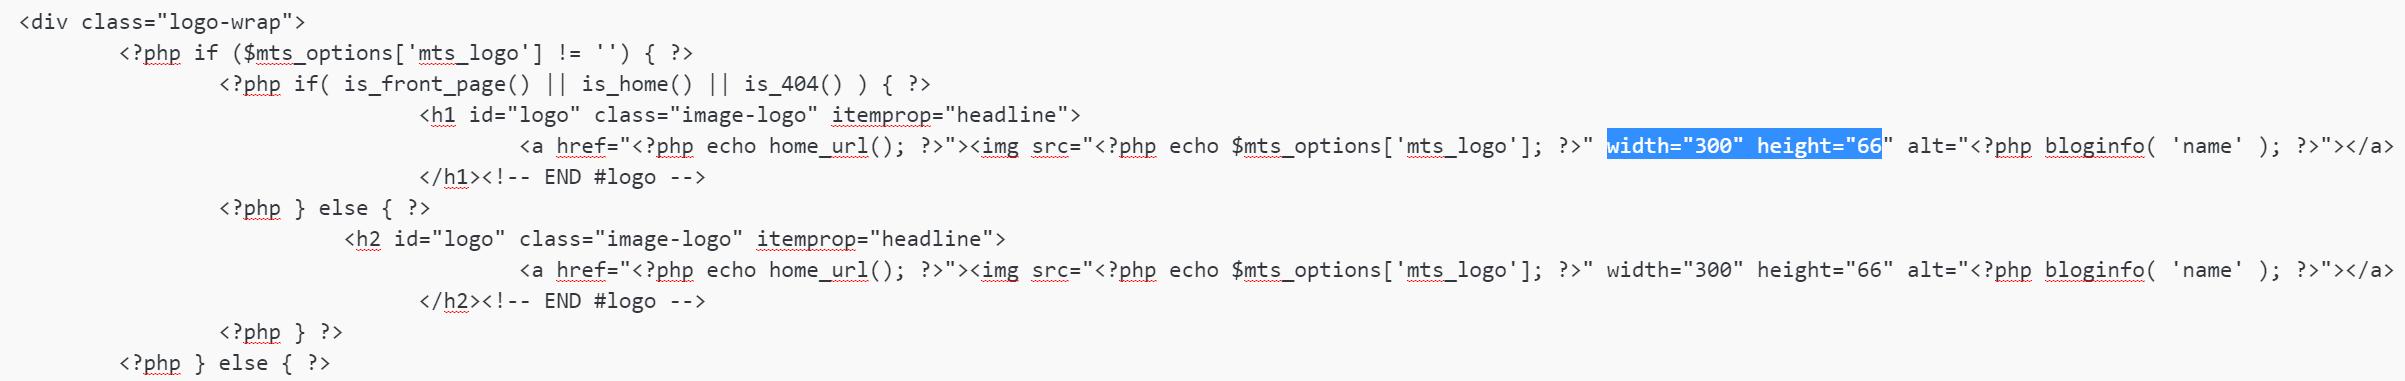 Fichier header.php modifié pour le problème de mise à l'échelle du SVG sous IE